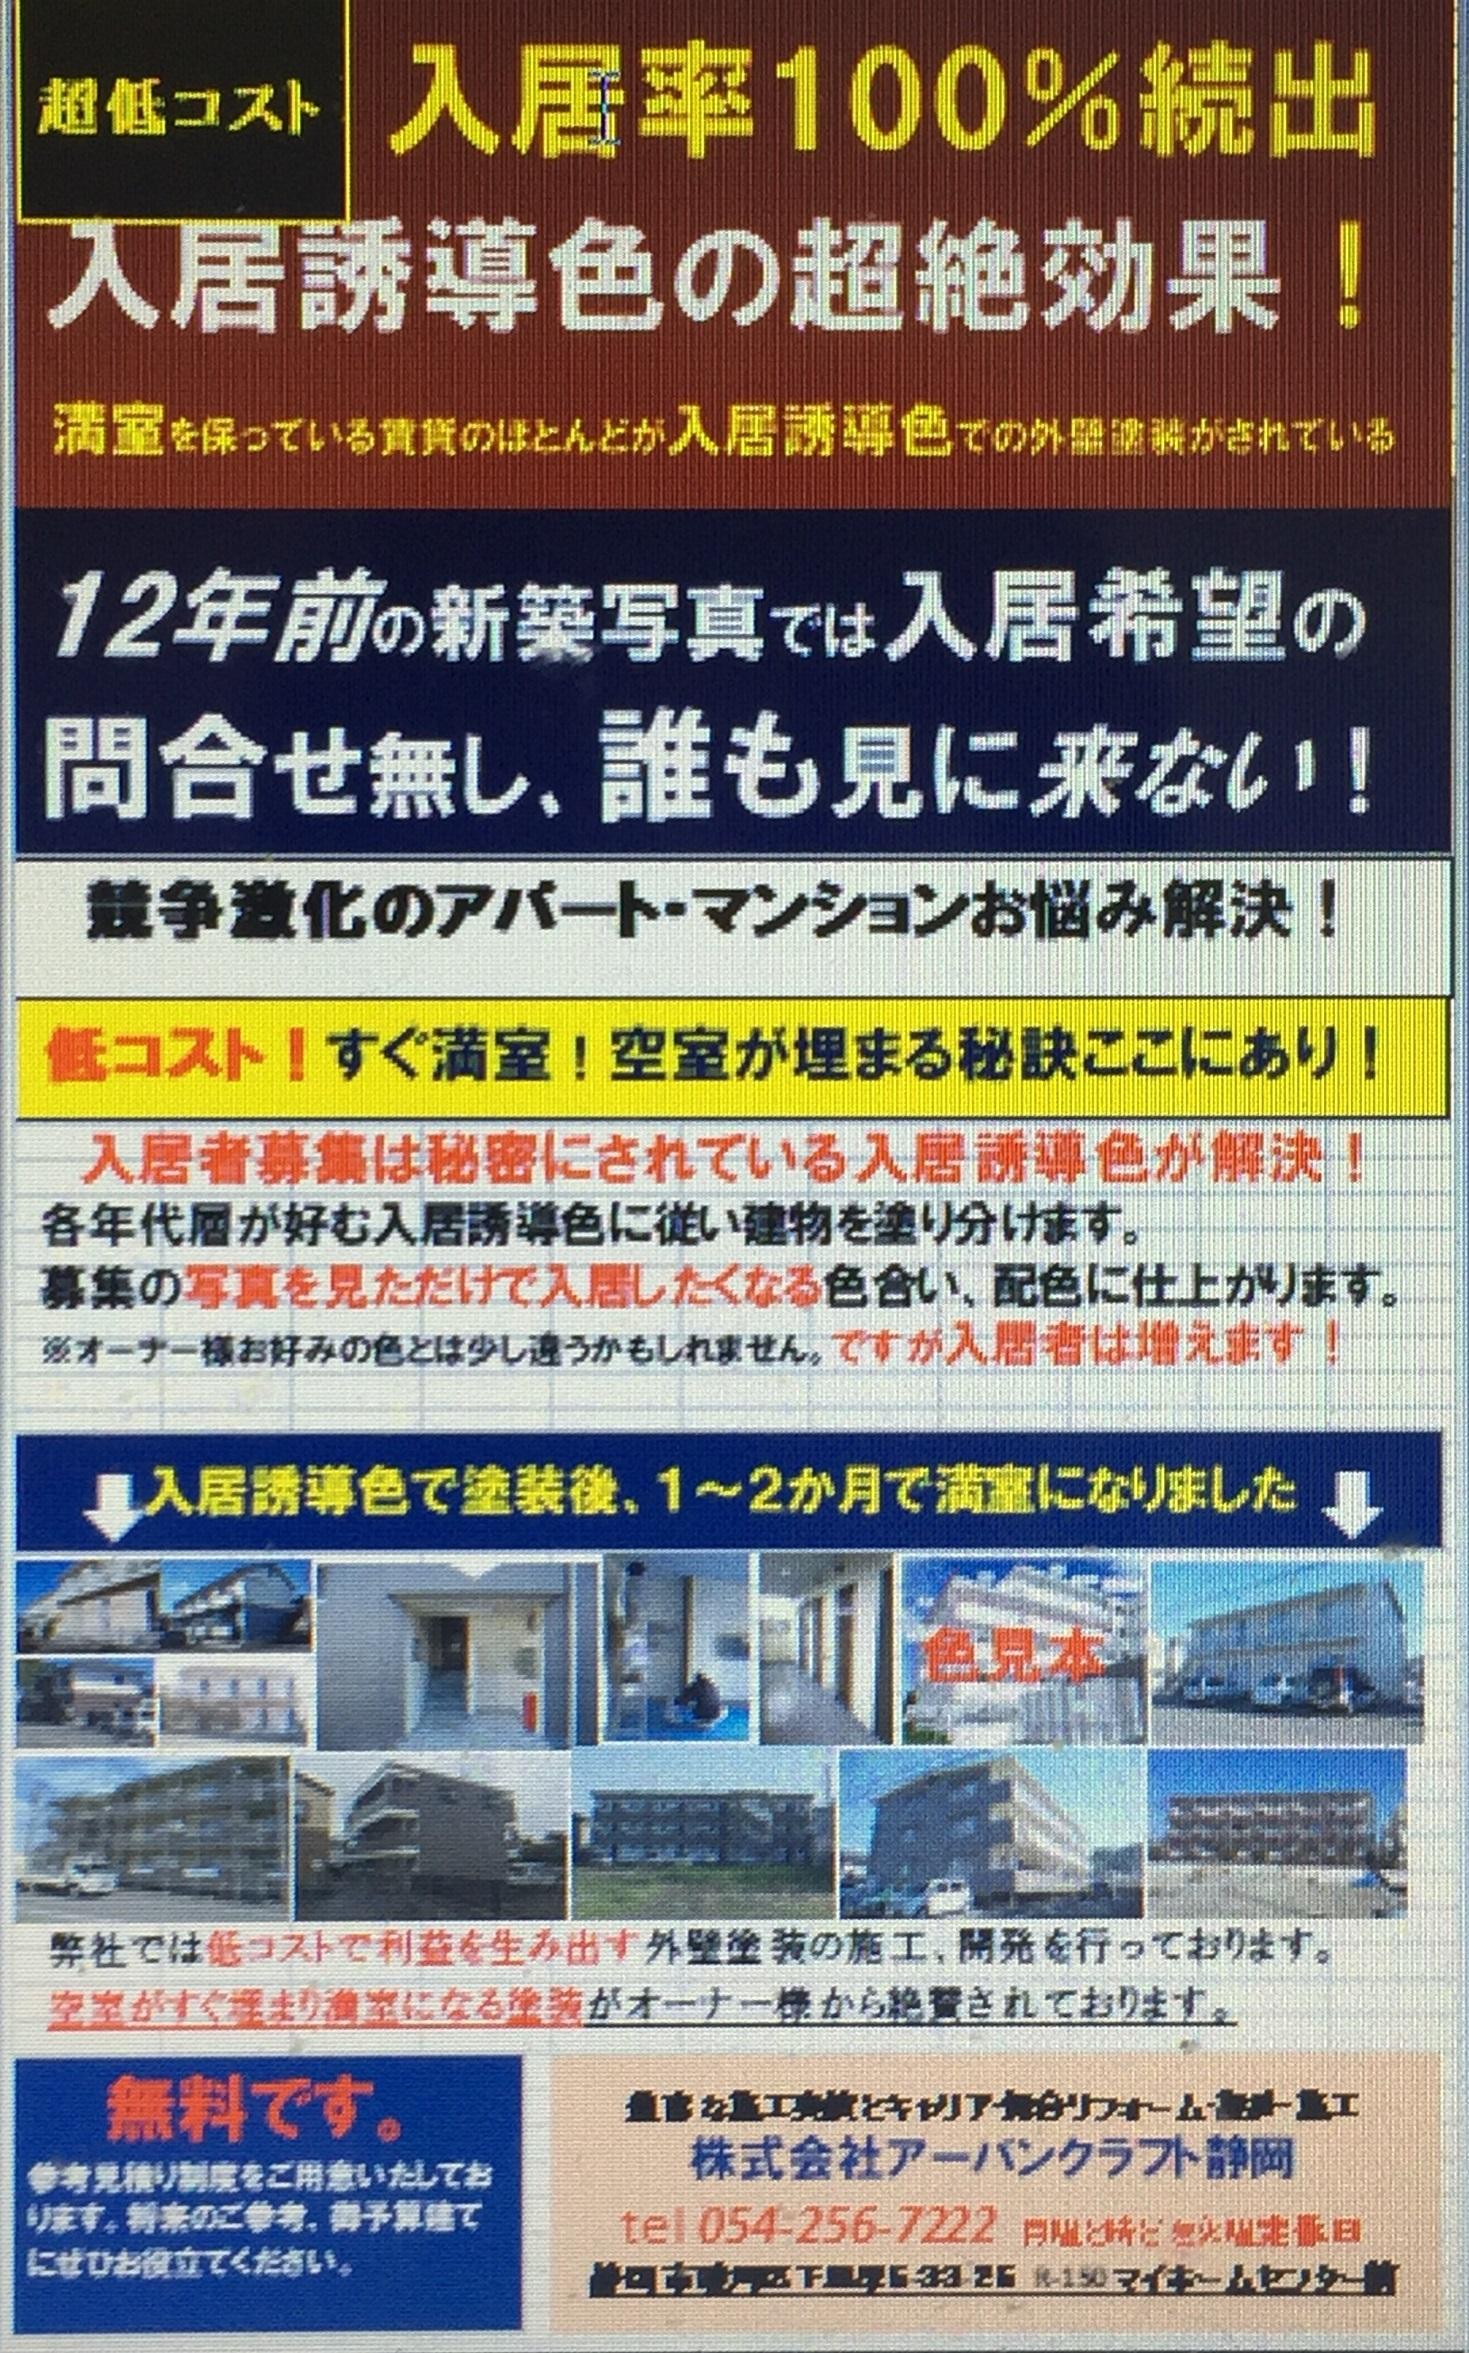 アーバンクラフト静岡の良く解る工事事例-ブロくる